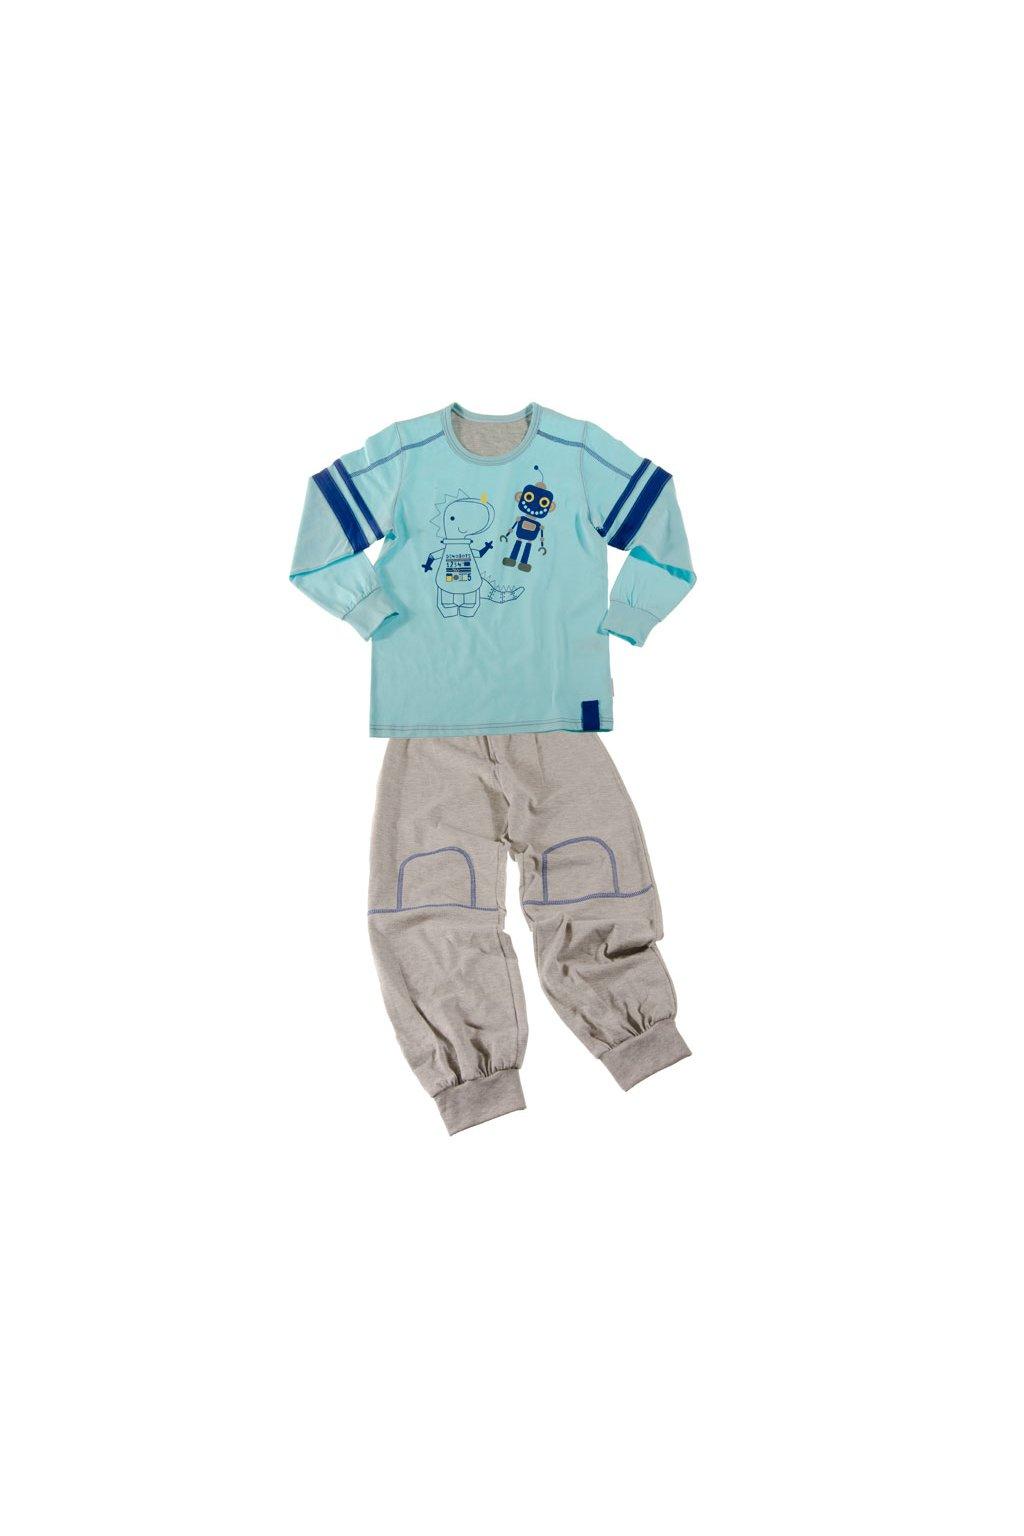 Chlapecké pyžamo s dlouhým rukávem, 50442 734, modrá/šedá